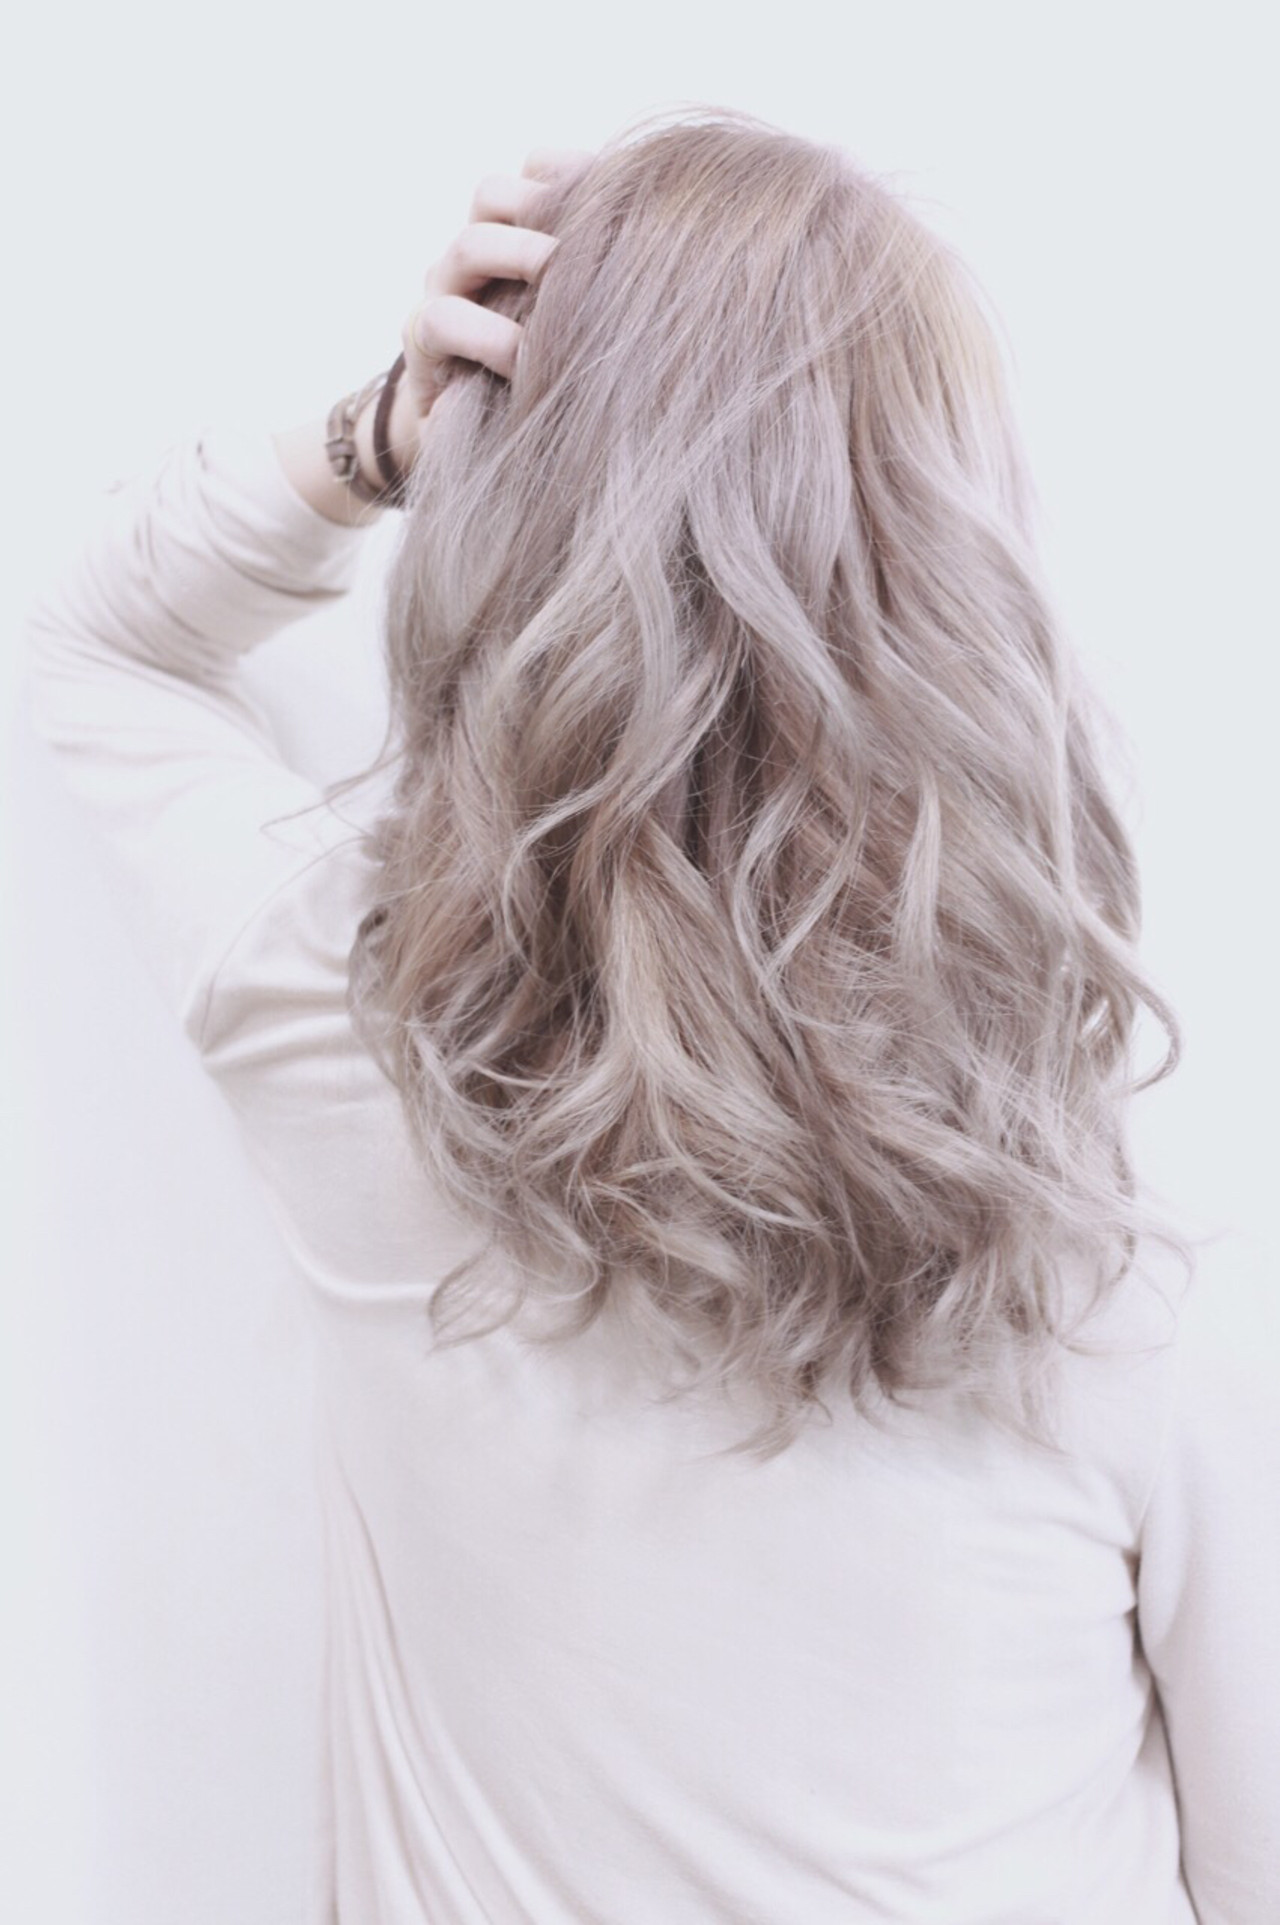 透明感 渋谷系 アッシュ ミディアム ヘアスタイルや髪型の写真・画像 | Director AKI☆ / hairTRUTH